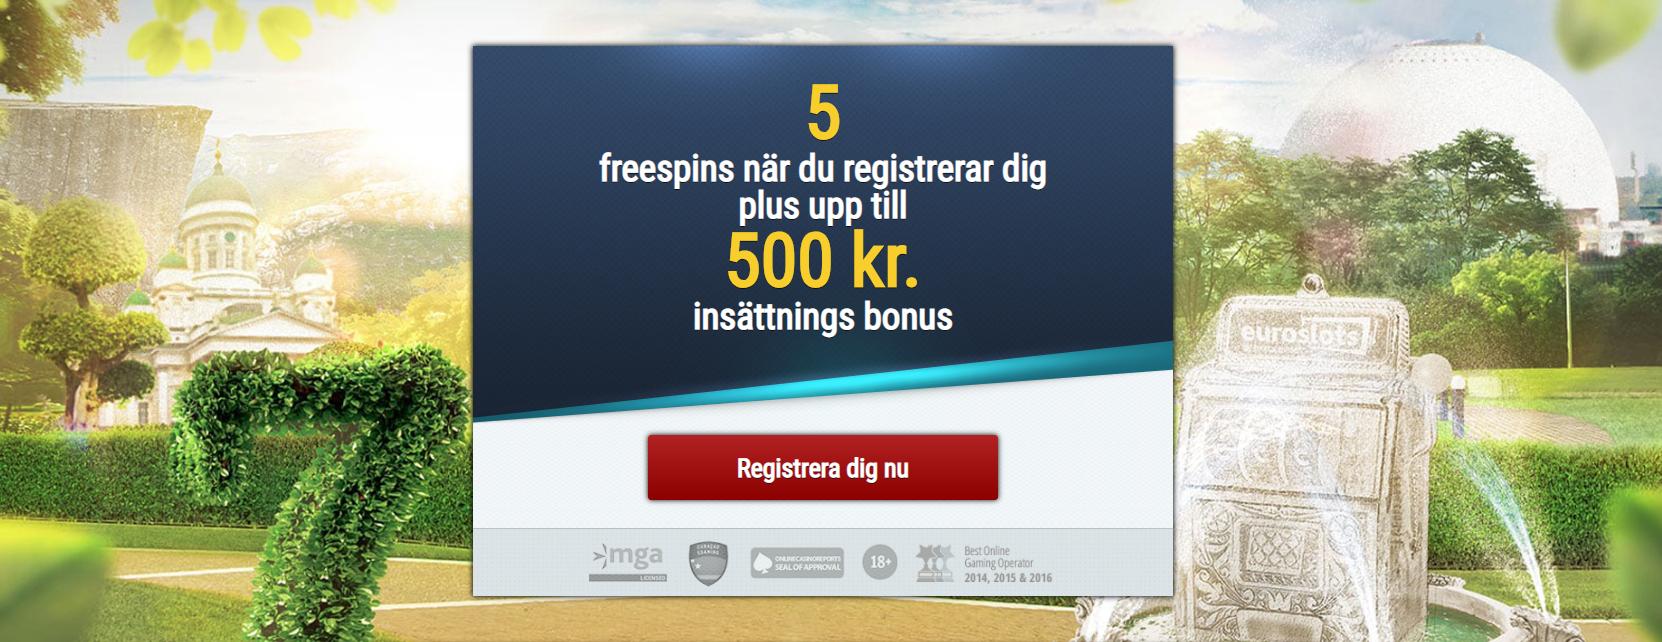 Euroslots bonuskod - 5 freespins vid registrering +500 kr casino bonus i välkomstbonus!